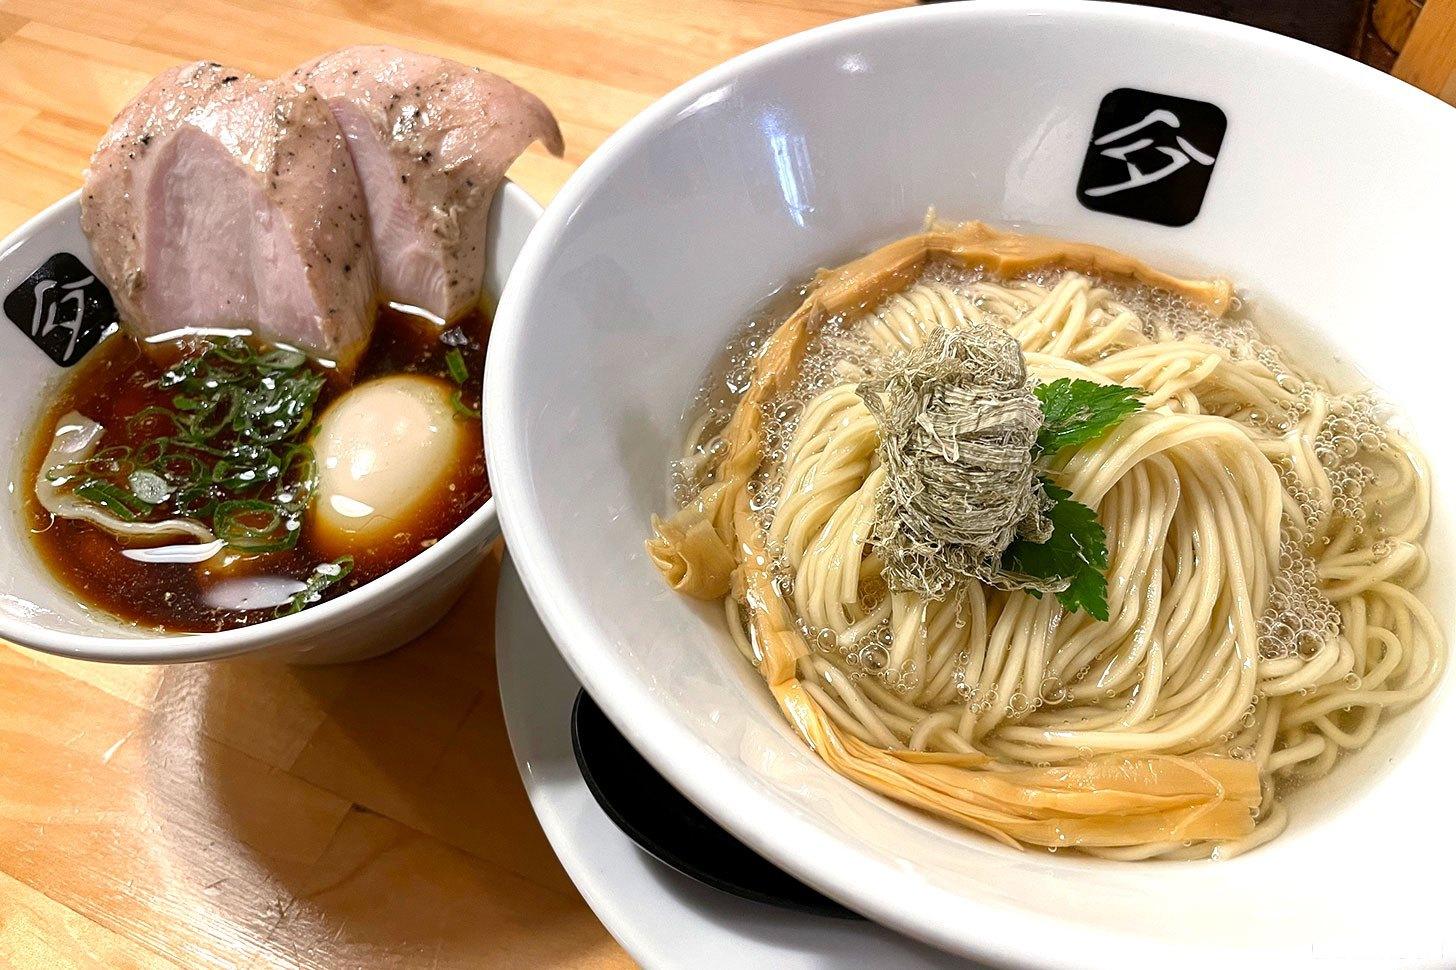 中華そば高野(横浜・大口駅)昆布水に浸かる麺のコシ最強!特製つけそば食べてみた